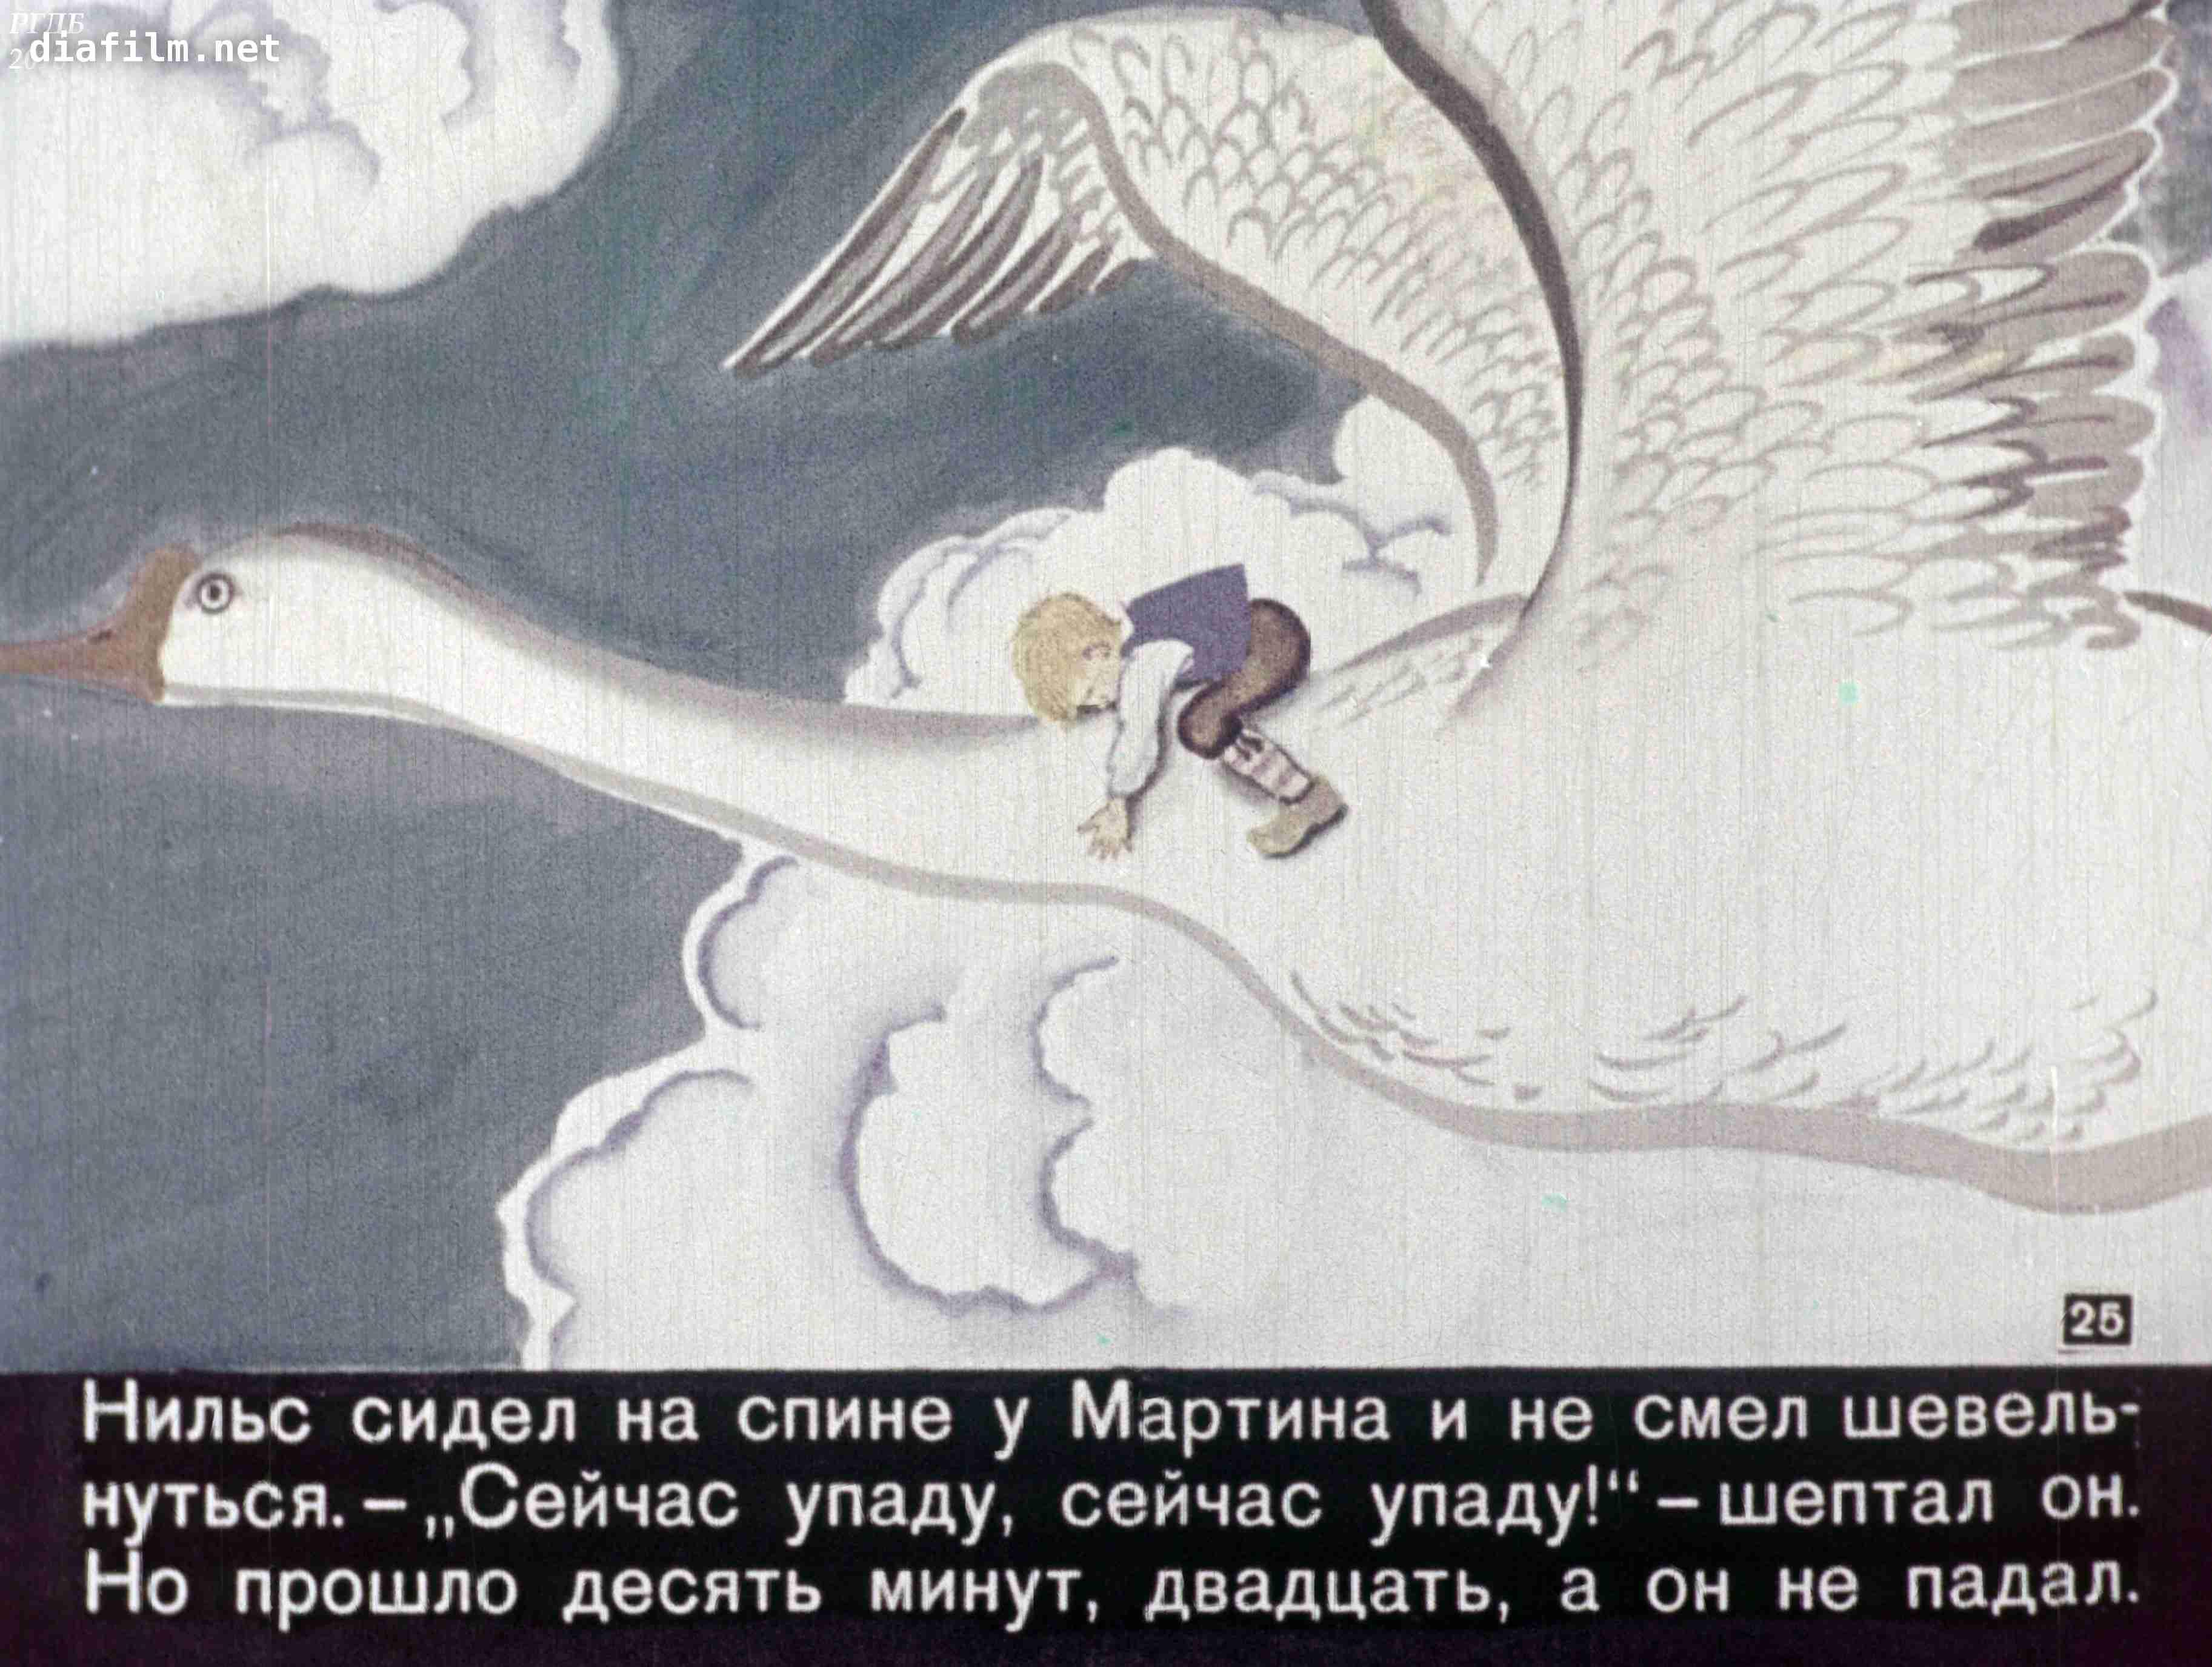 сказка путешествие нильса с дикими гусями картинки бисквиты молотым